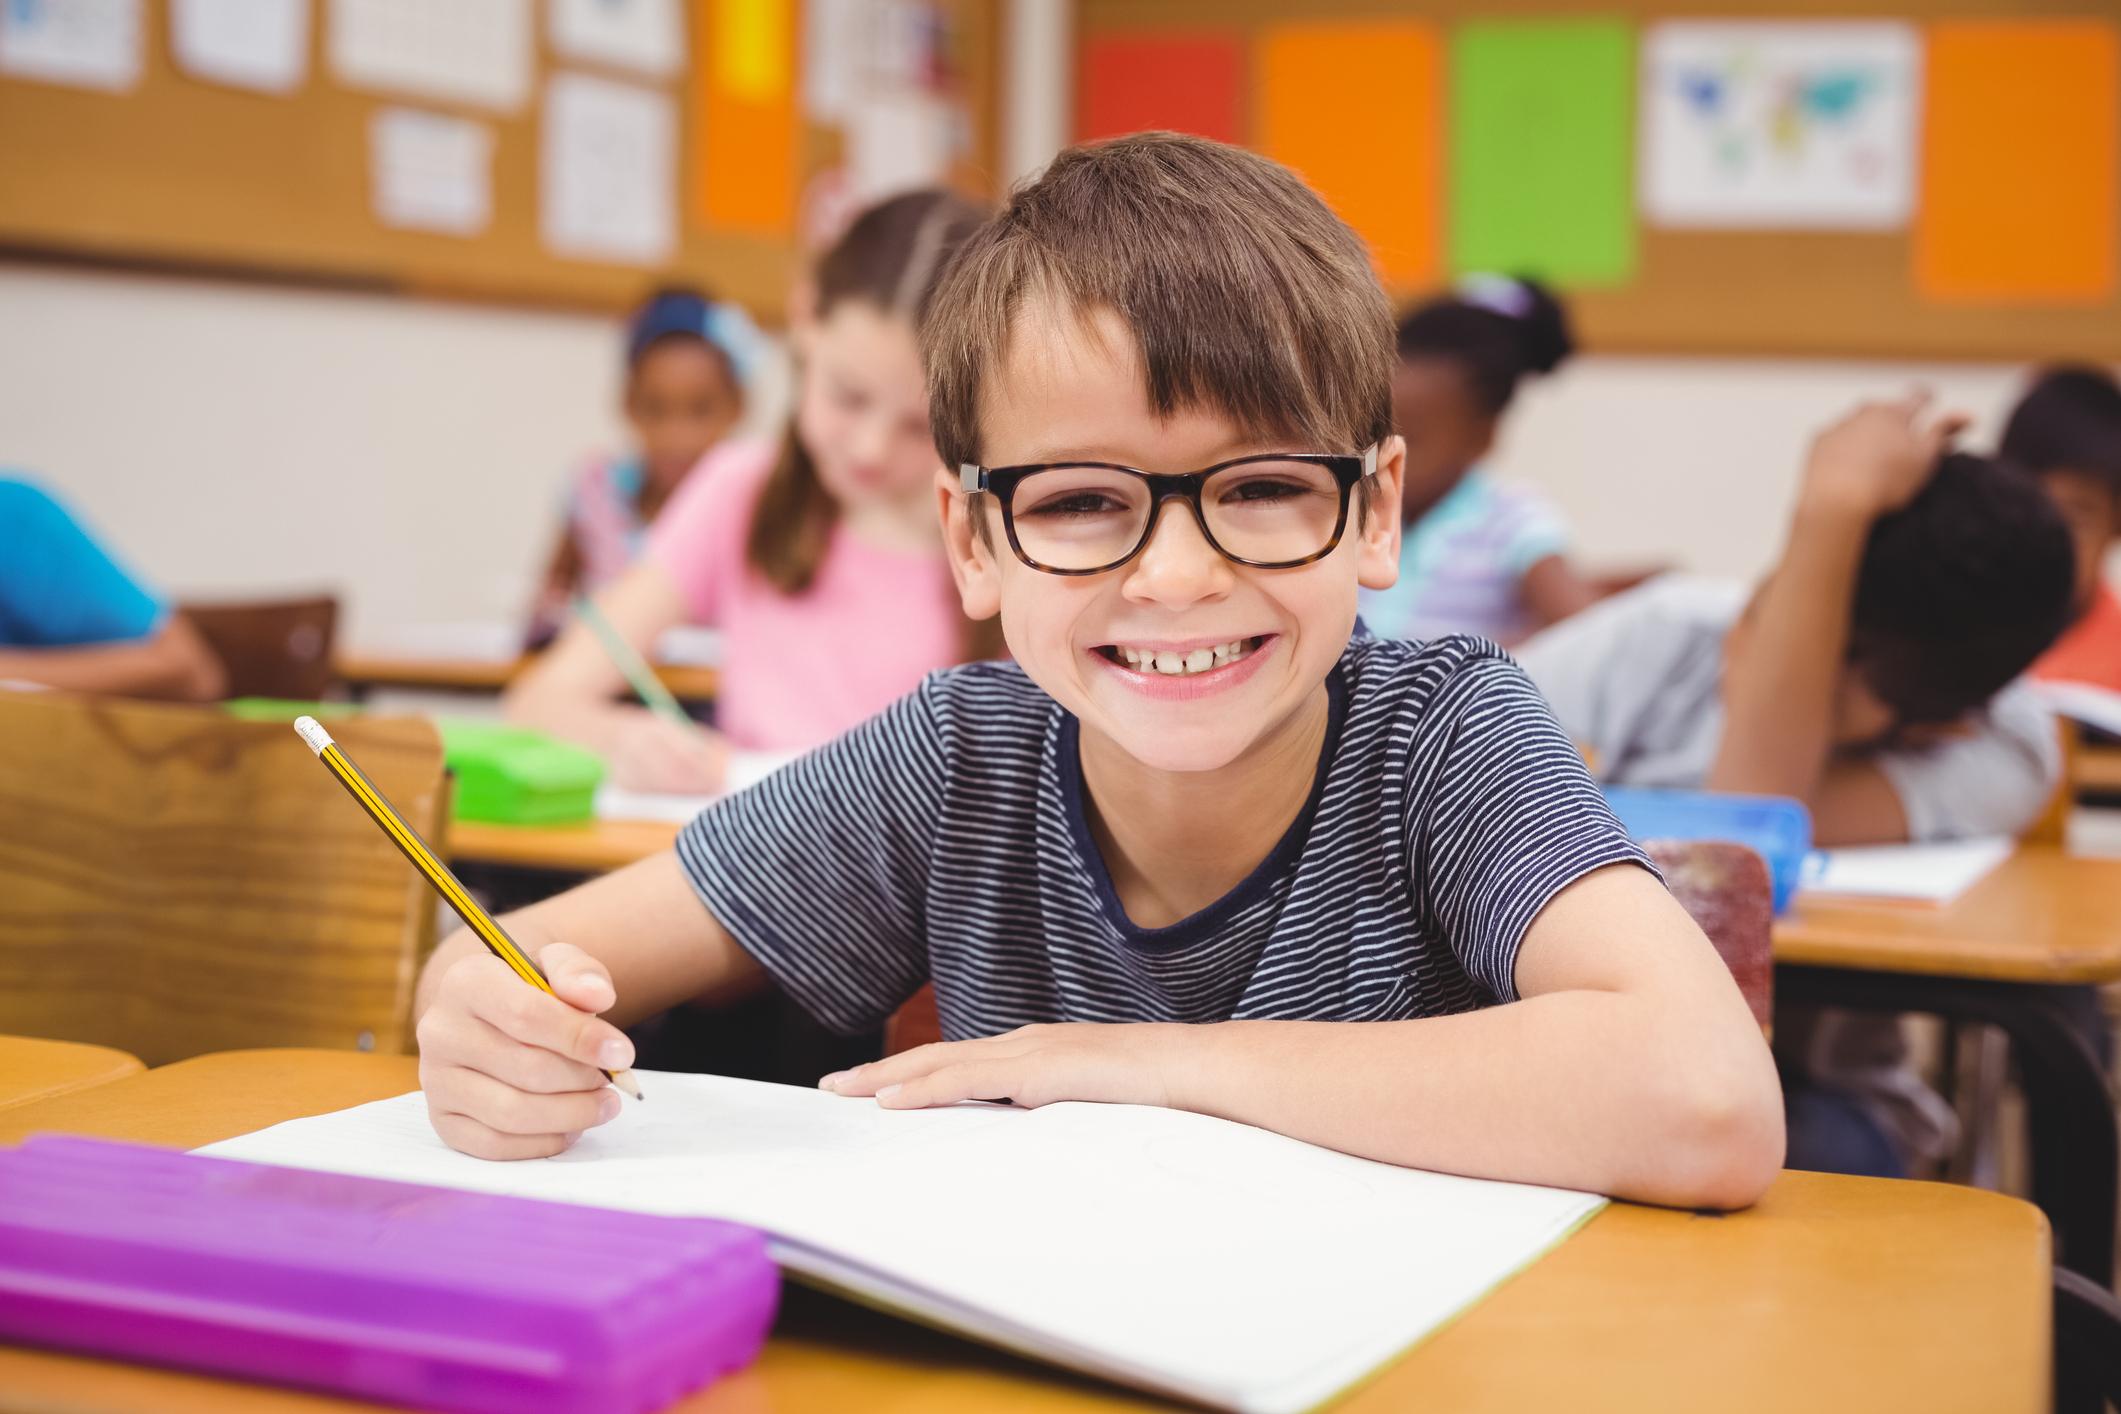 Schlechty Center's School and Classroom Standards